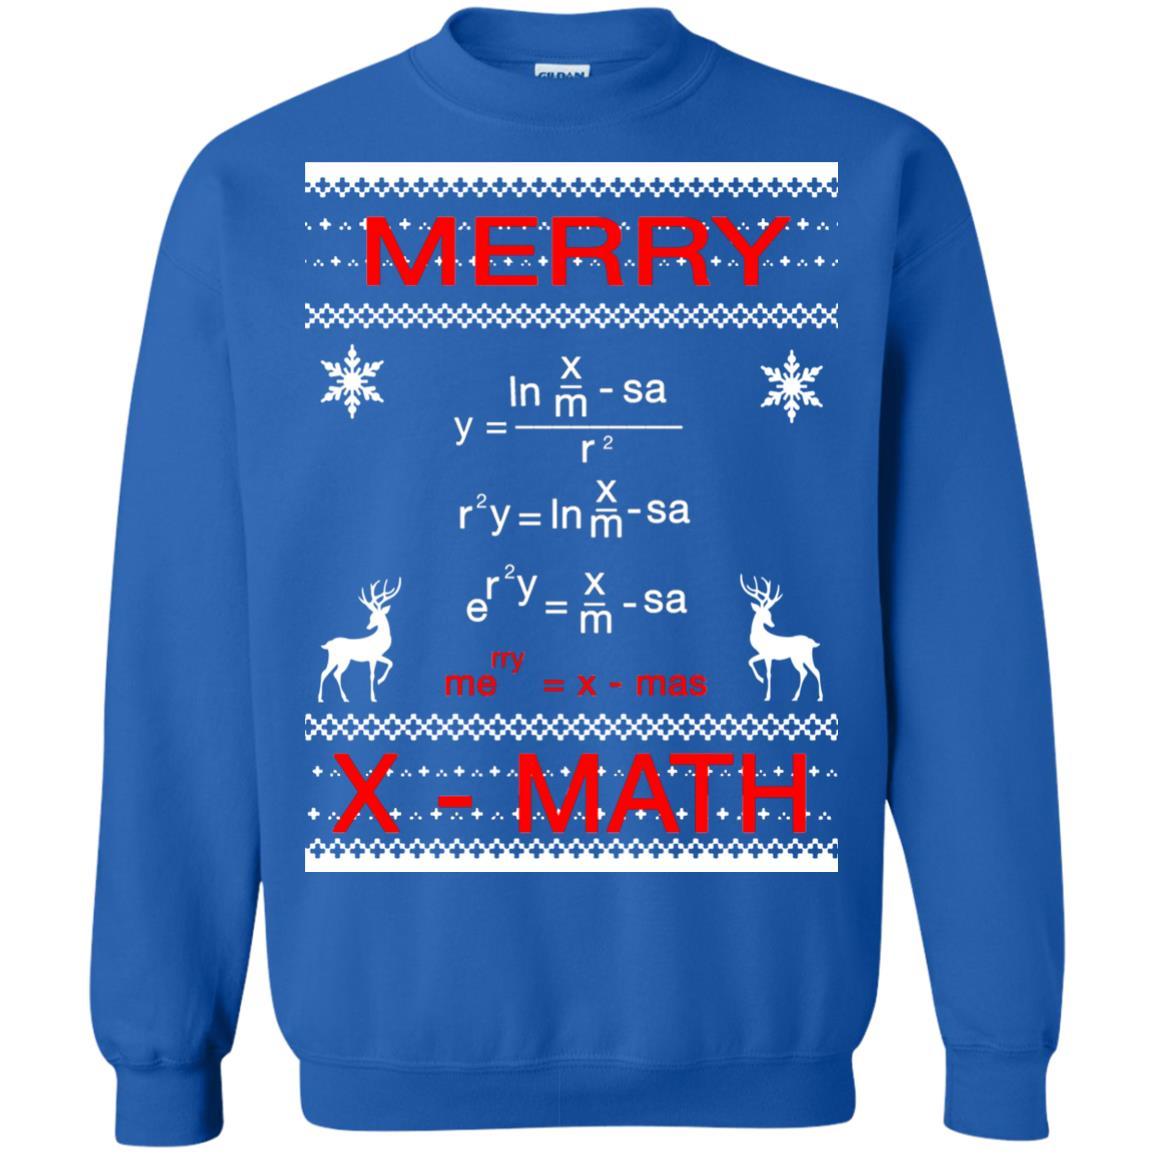 Merry X Math Christmas Sweater Ugly Sweatshirts